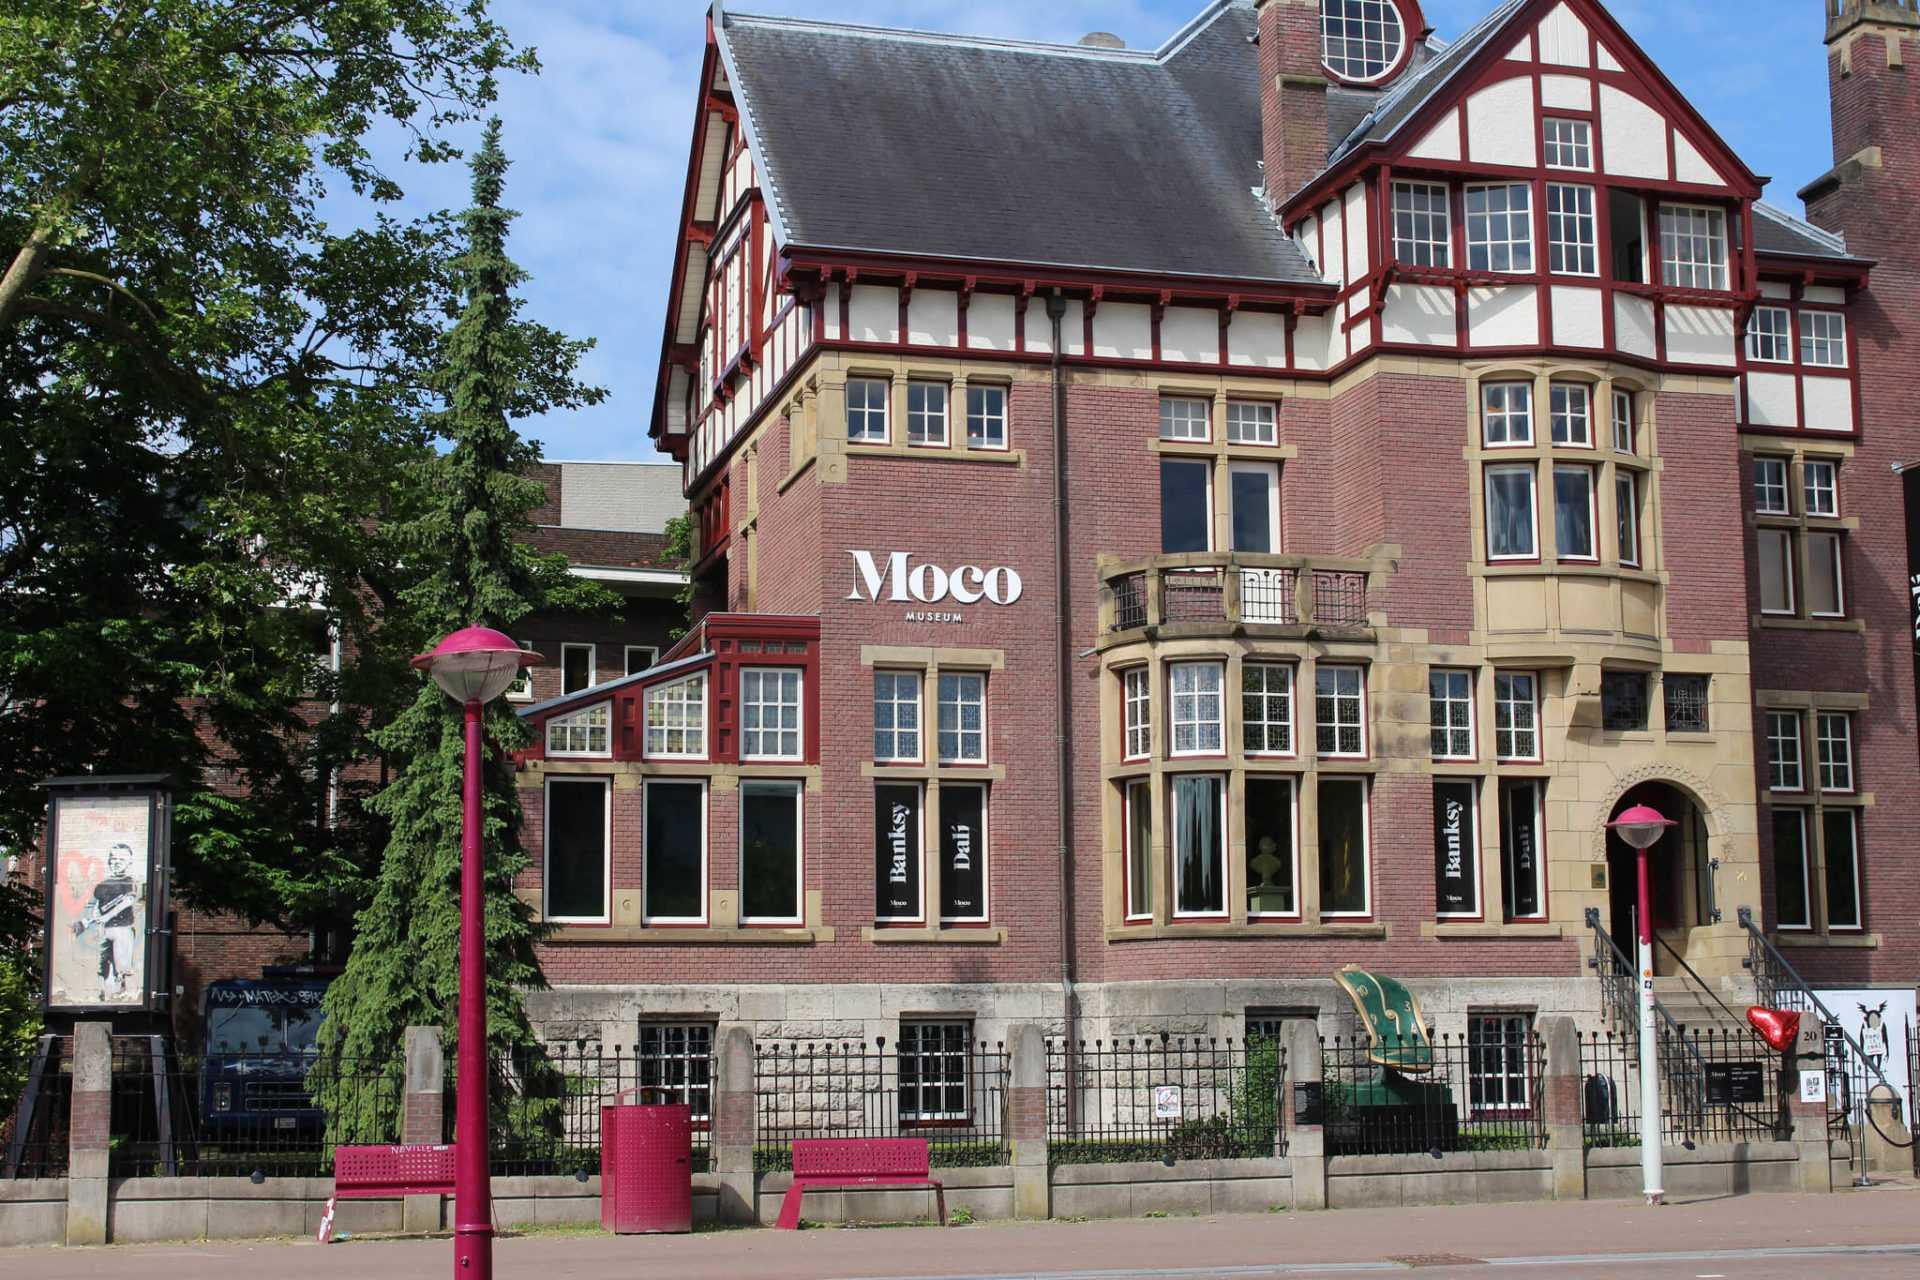 מוזיאון מוקו באמסטרדם 2021 - כרטיסים ומידע נוסף